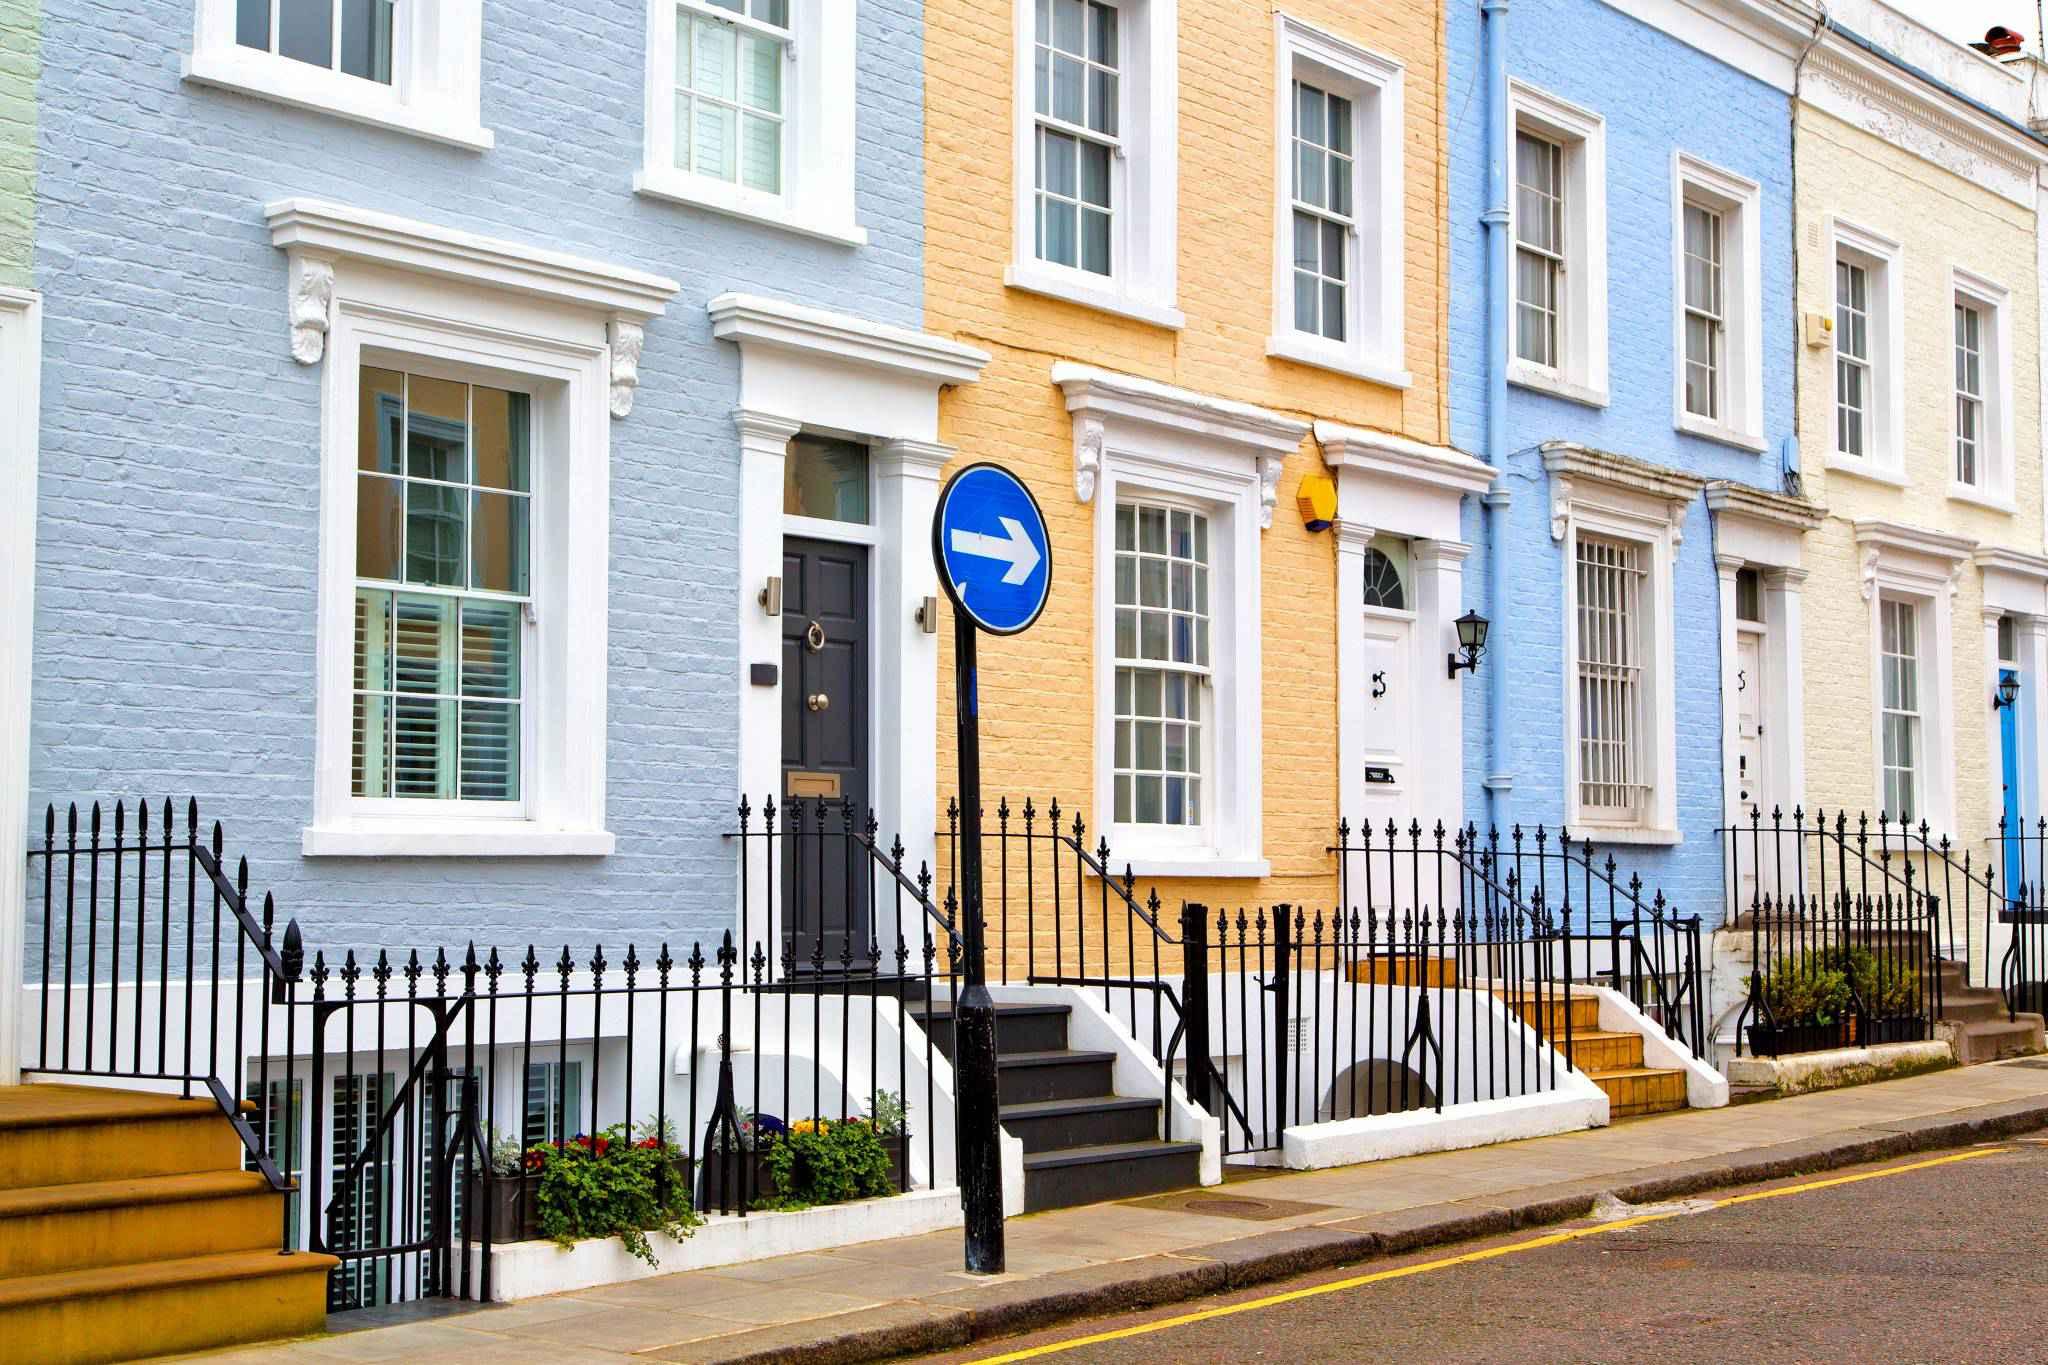 Notting Hill Ladbroke Grove notting hill